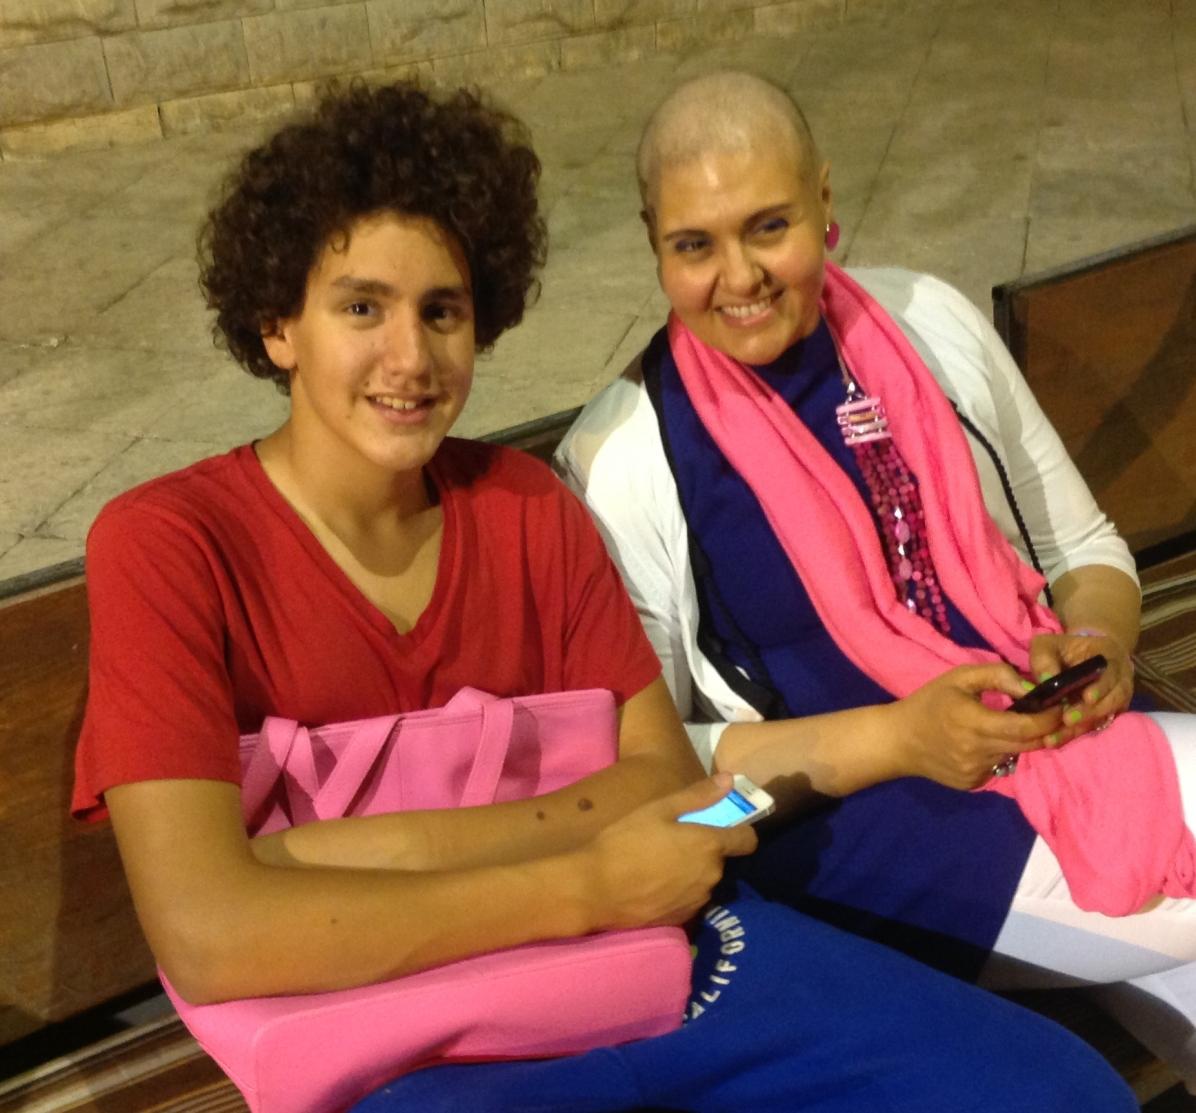 غادة تحكي: لم أتوقع أن يعيد السرطان ثقتي بأنوثتي..وأن أصبح ملهمة!